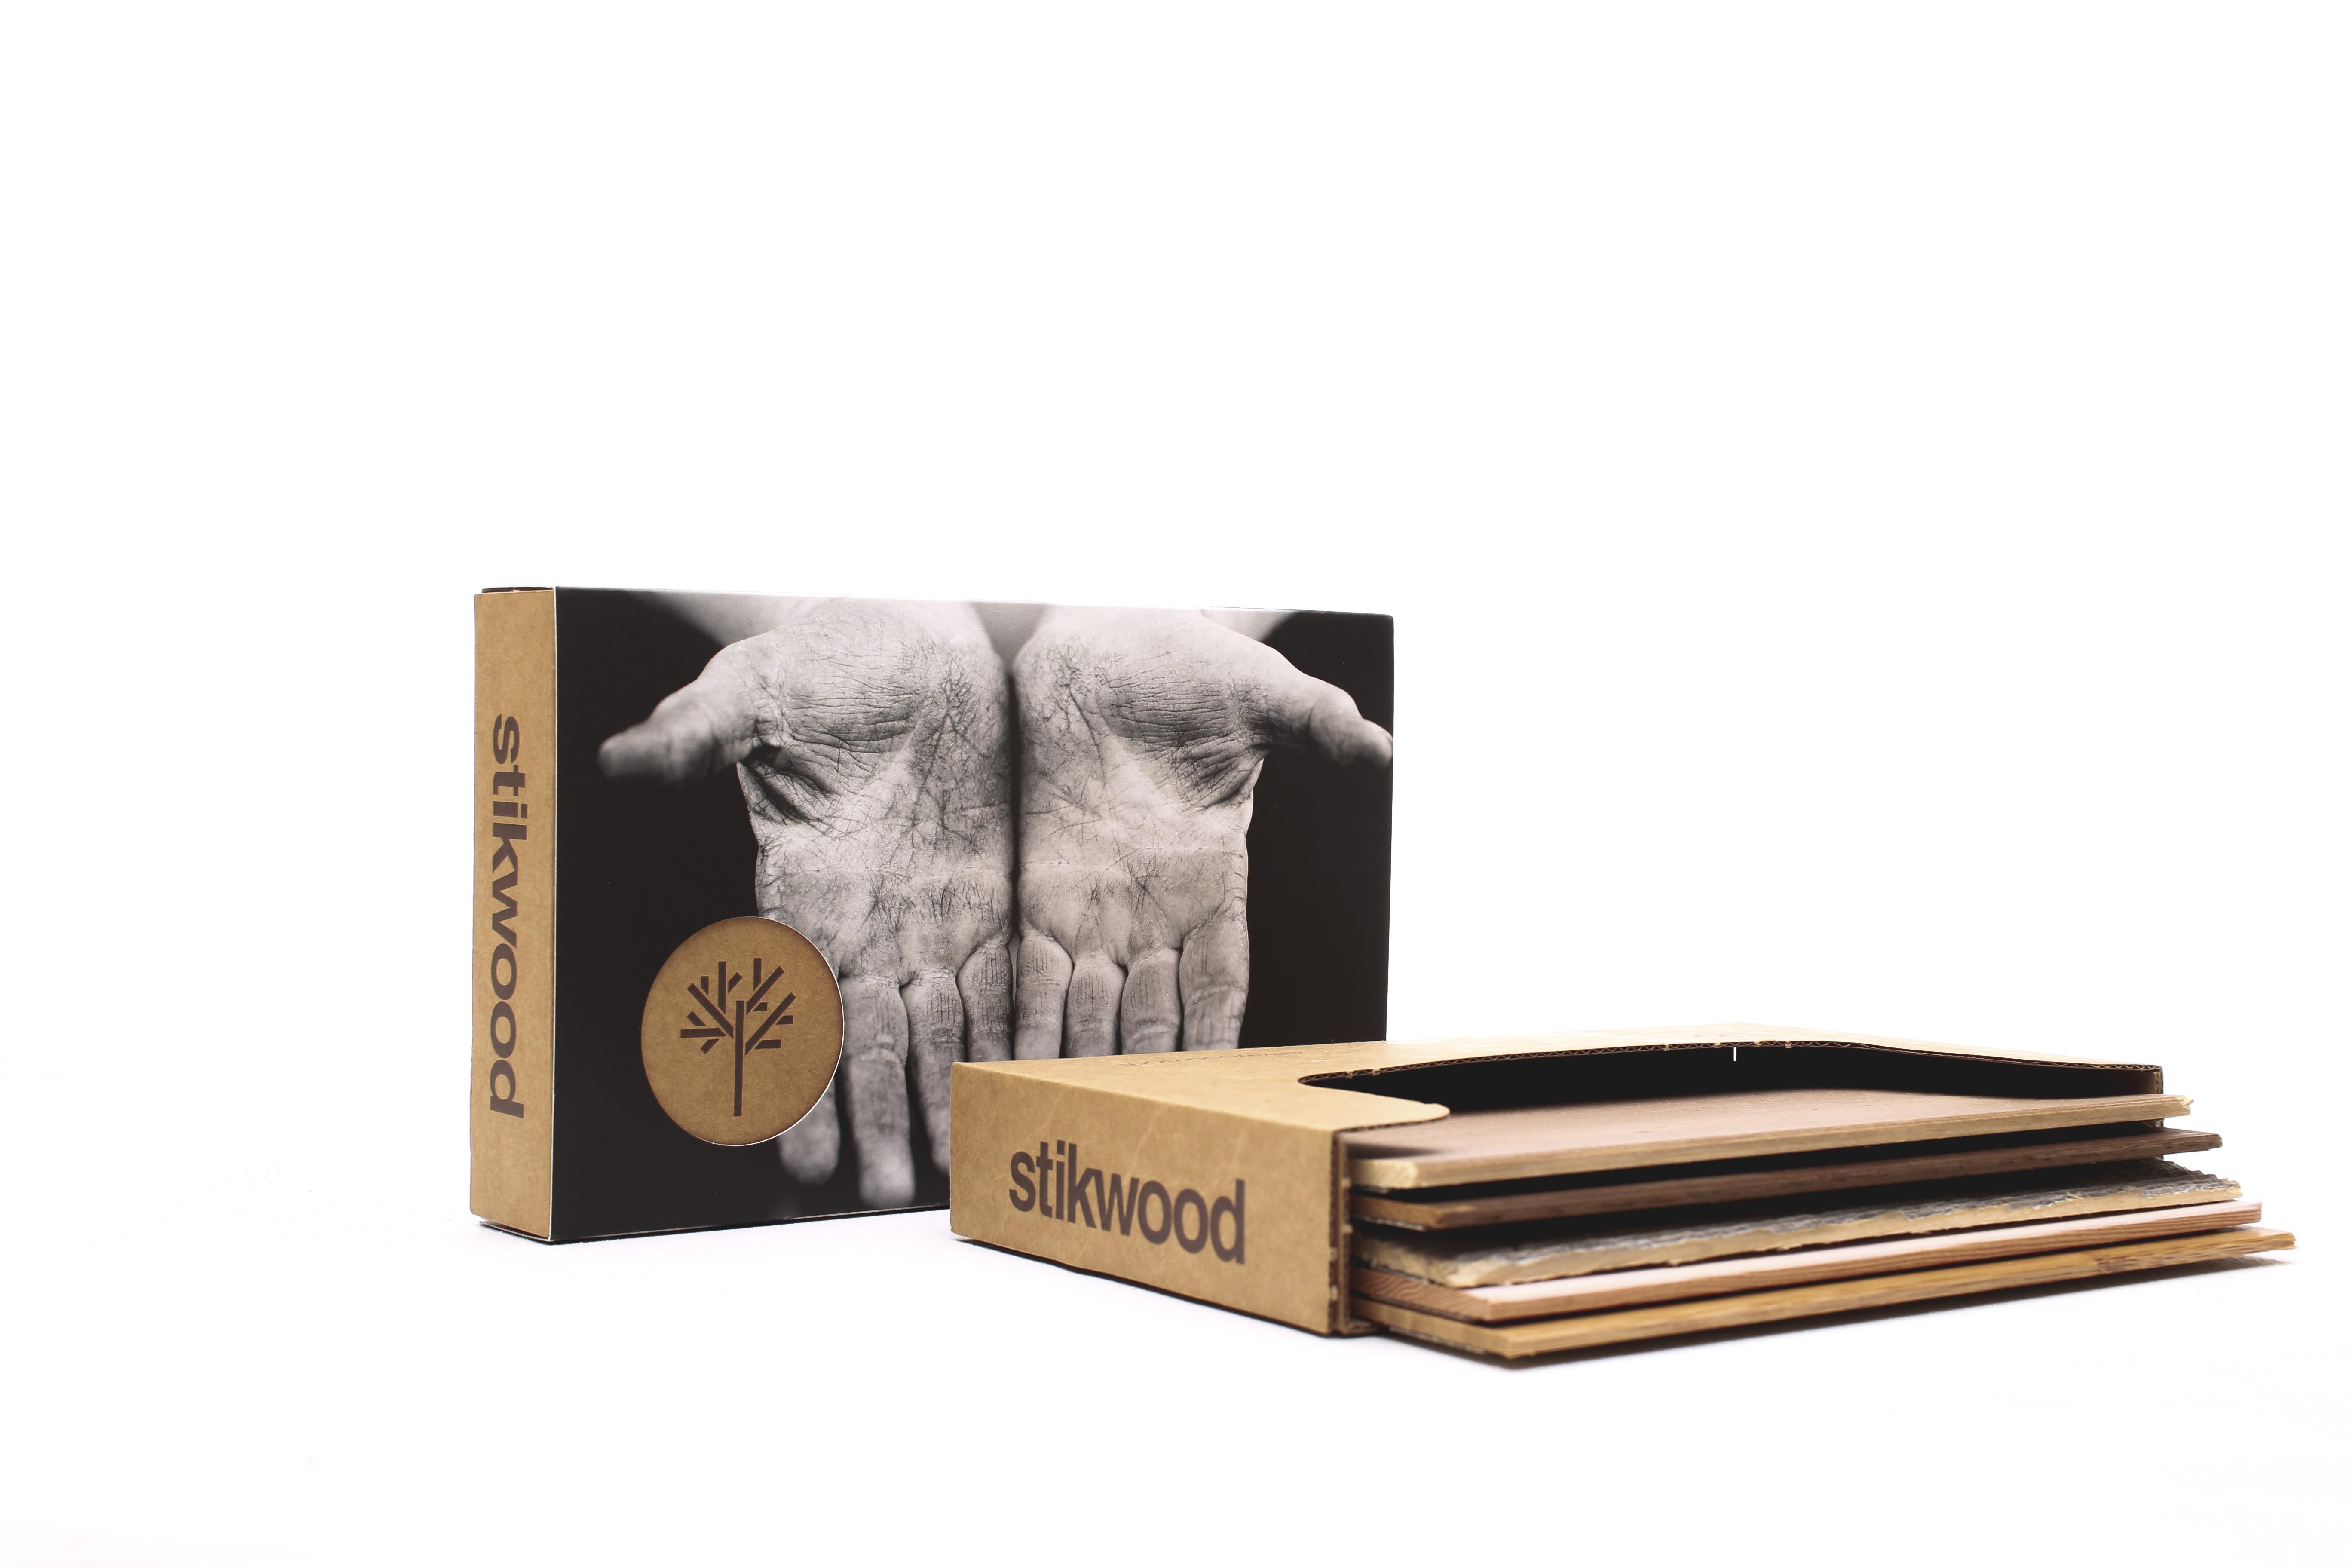 Stikwood peel and stick wood sample set.